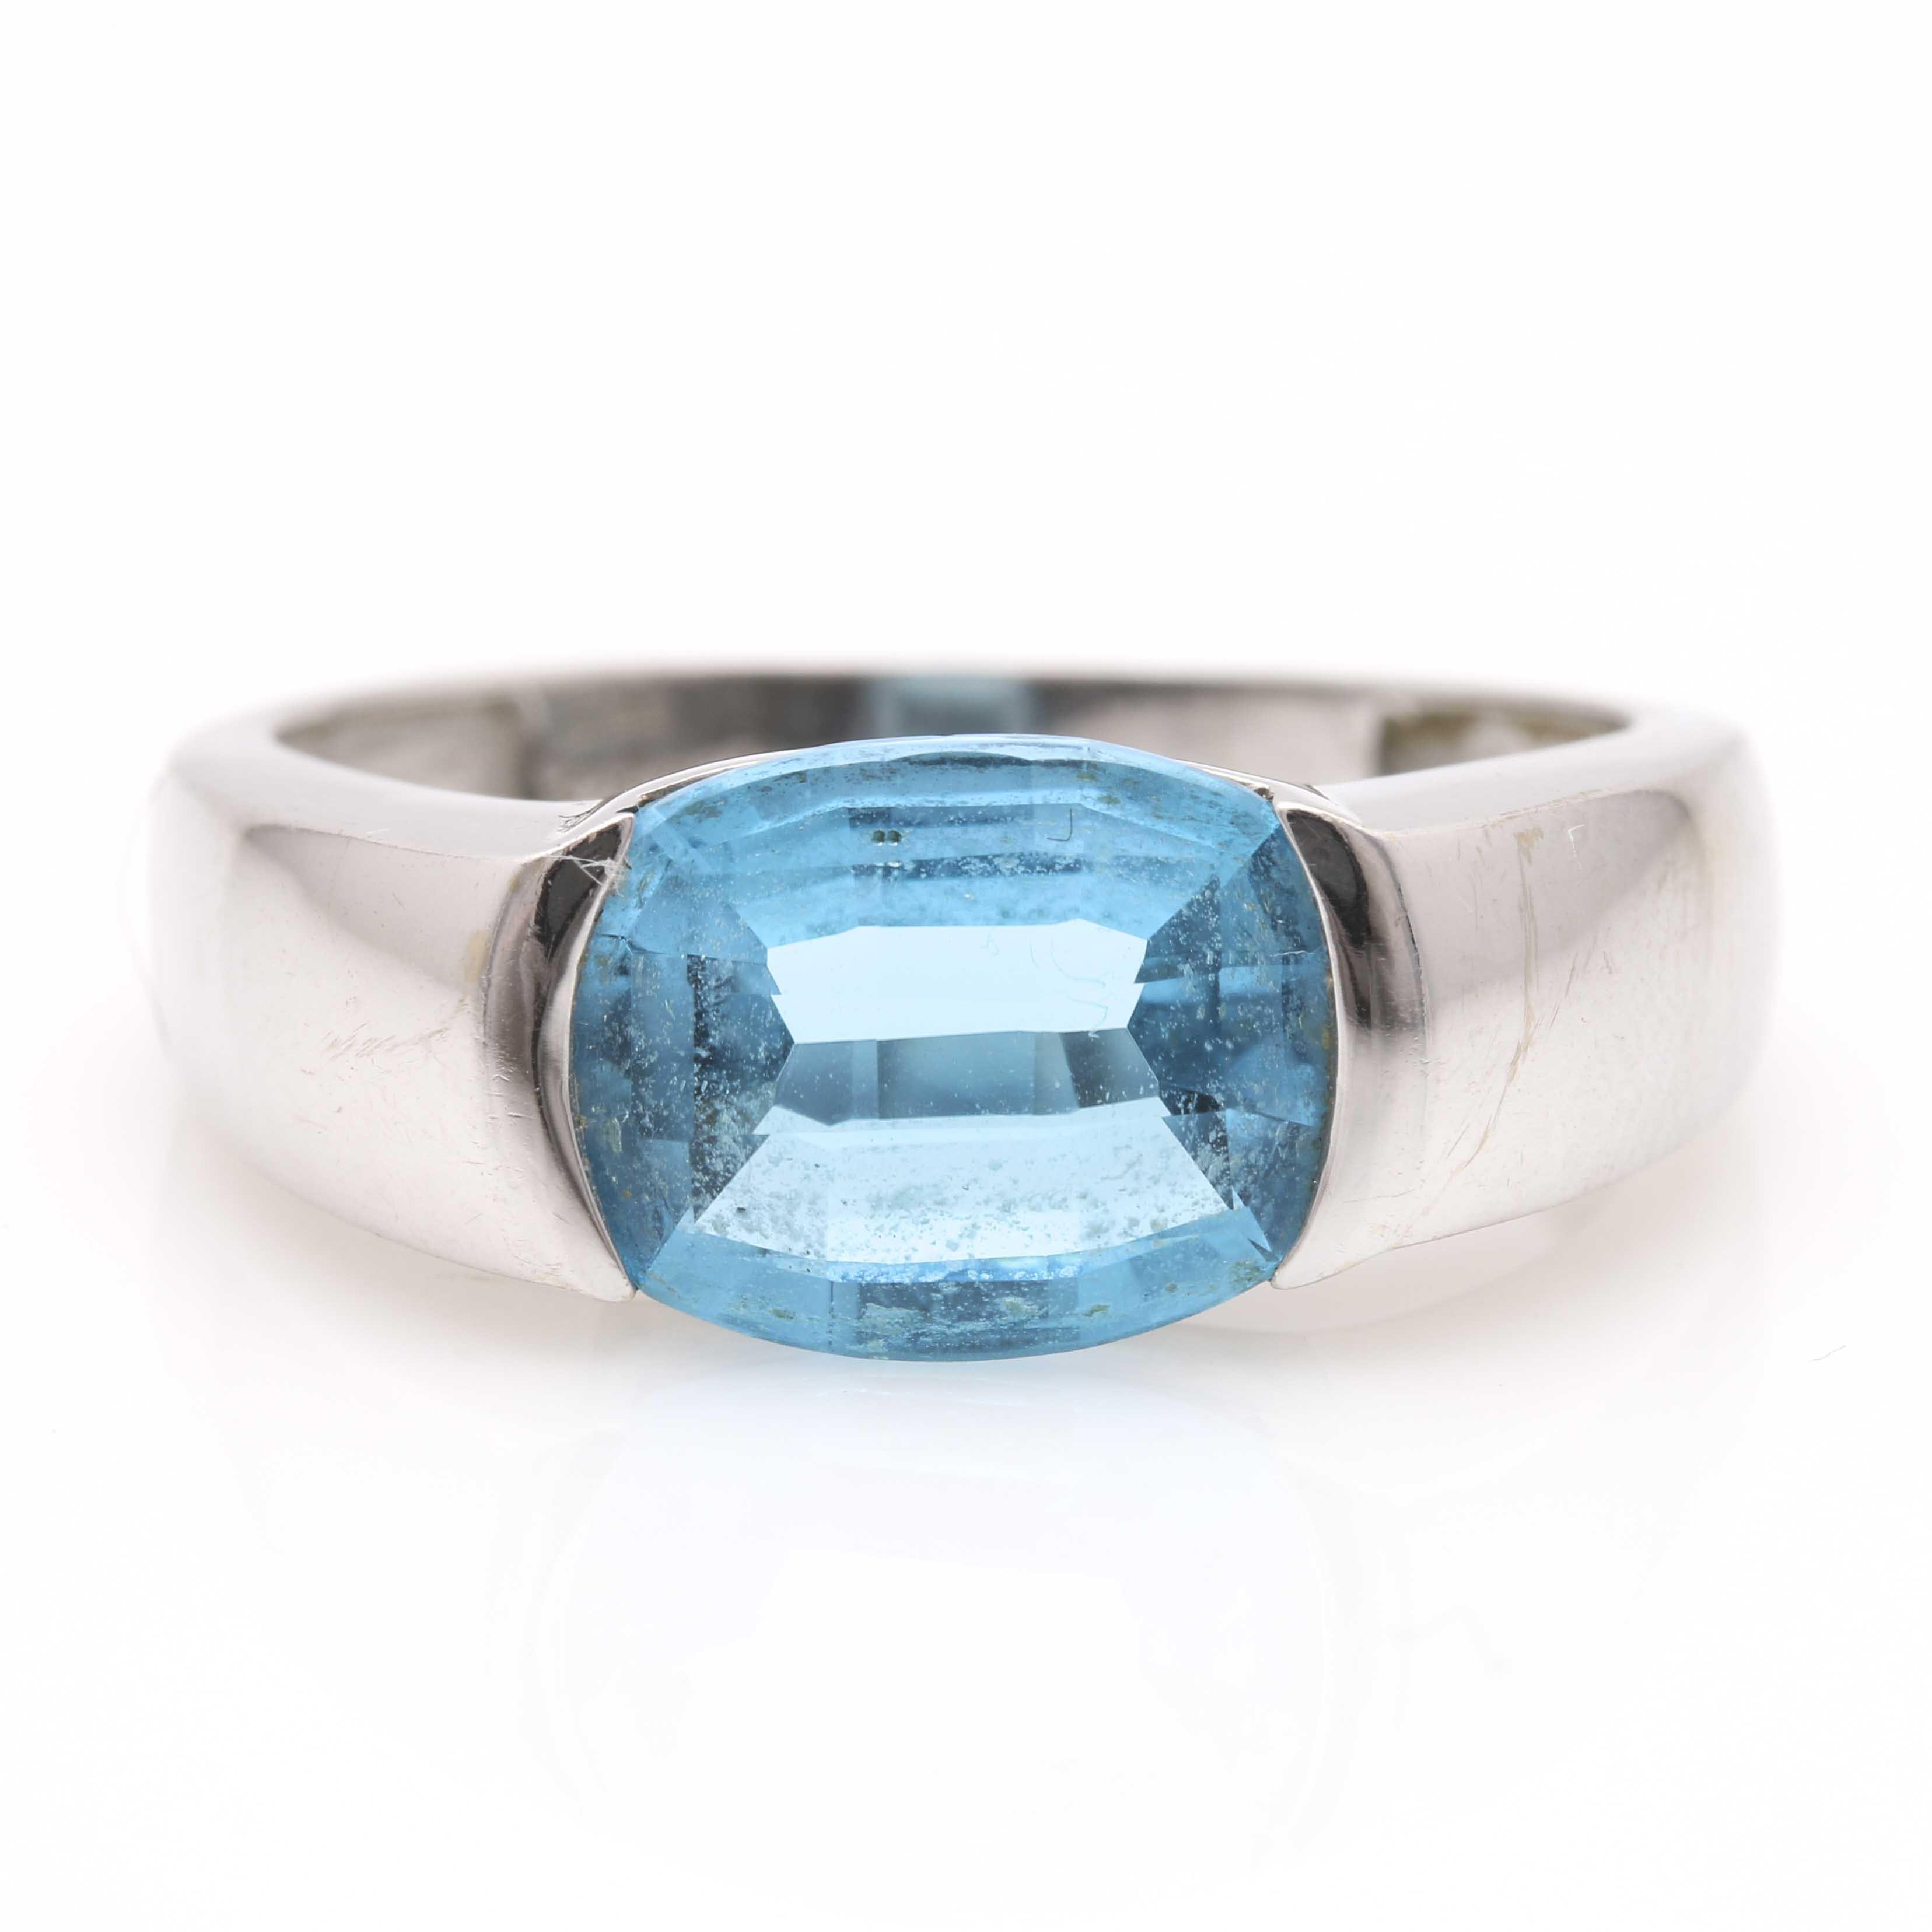 18K White Gold Topaz Ring